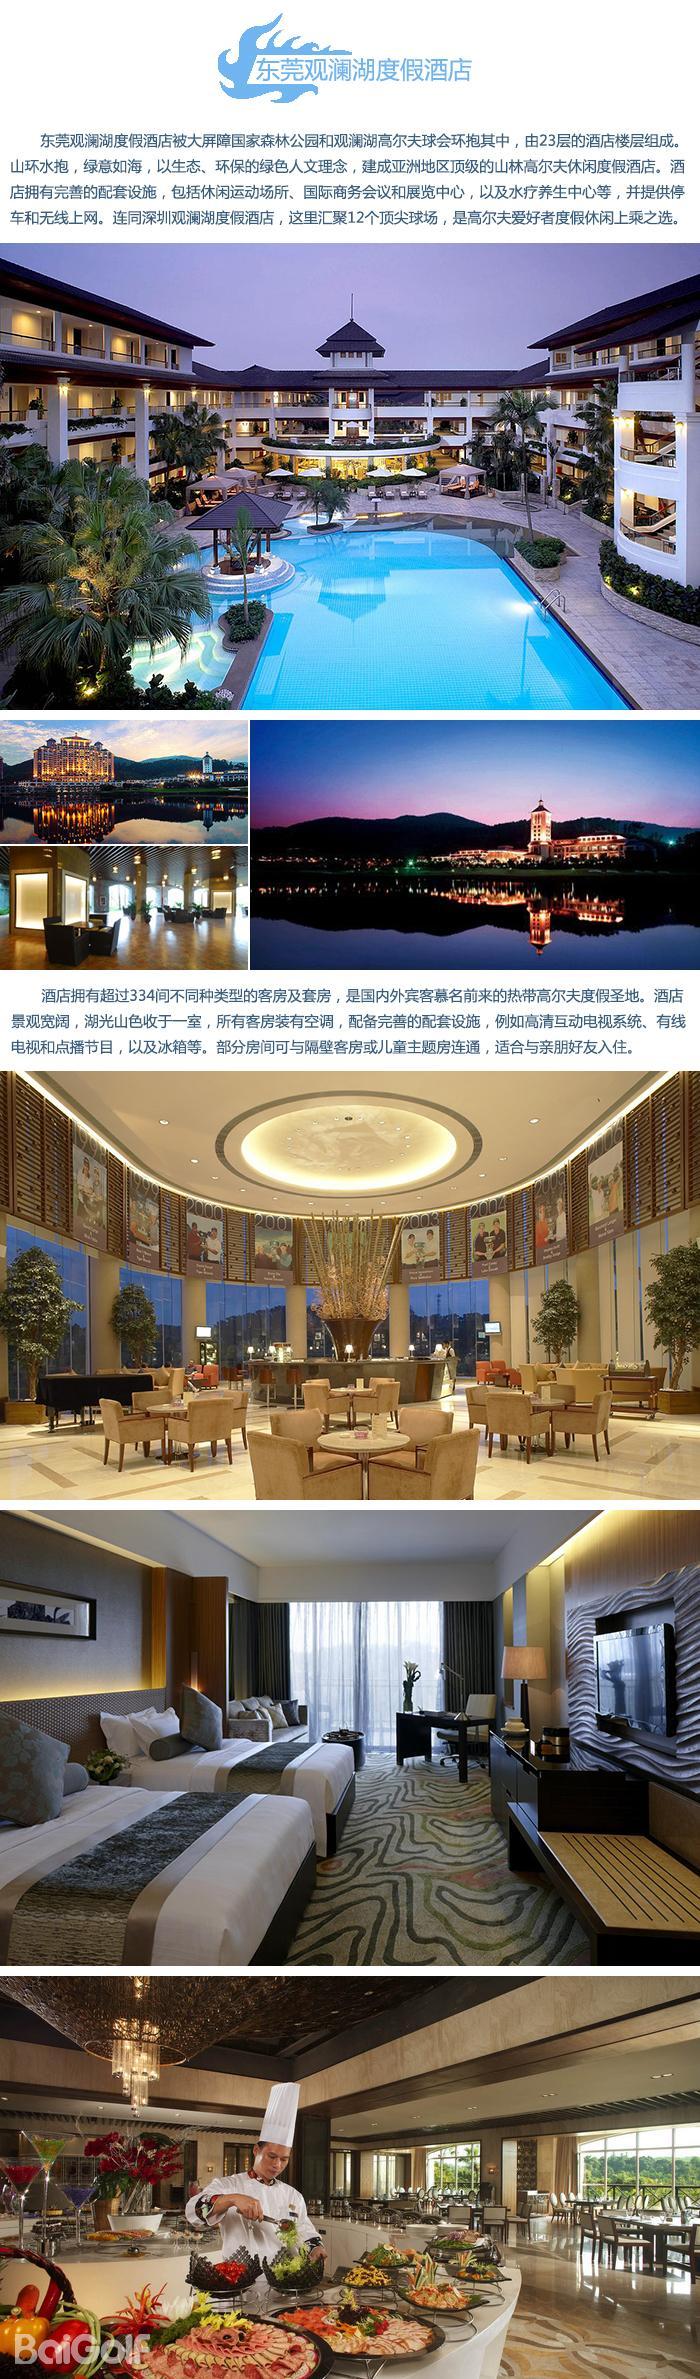 东莞观澜湖度假酒店简介